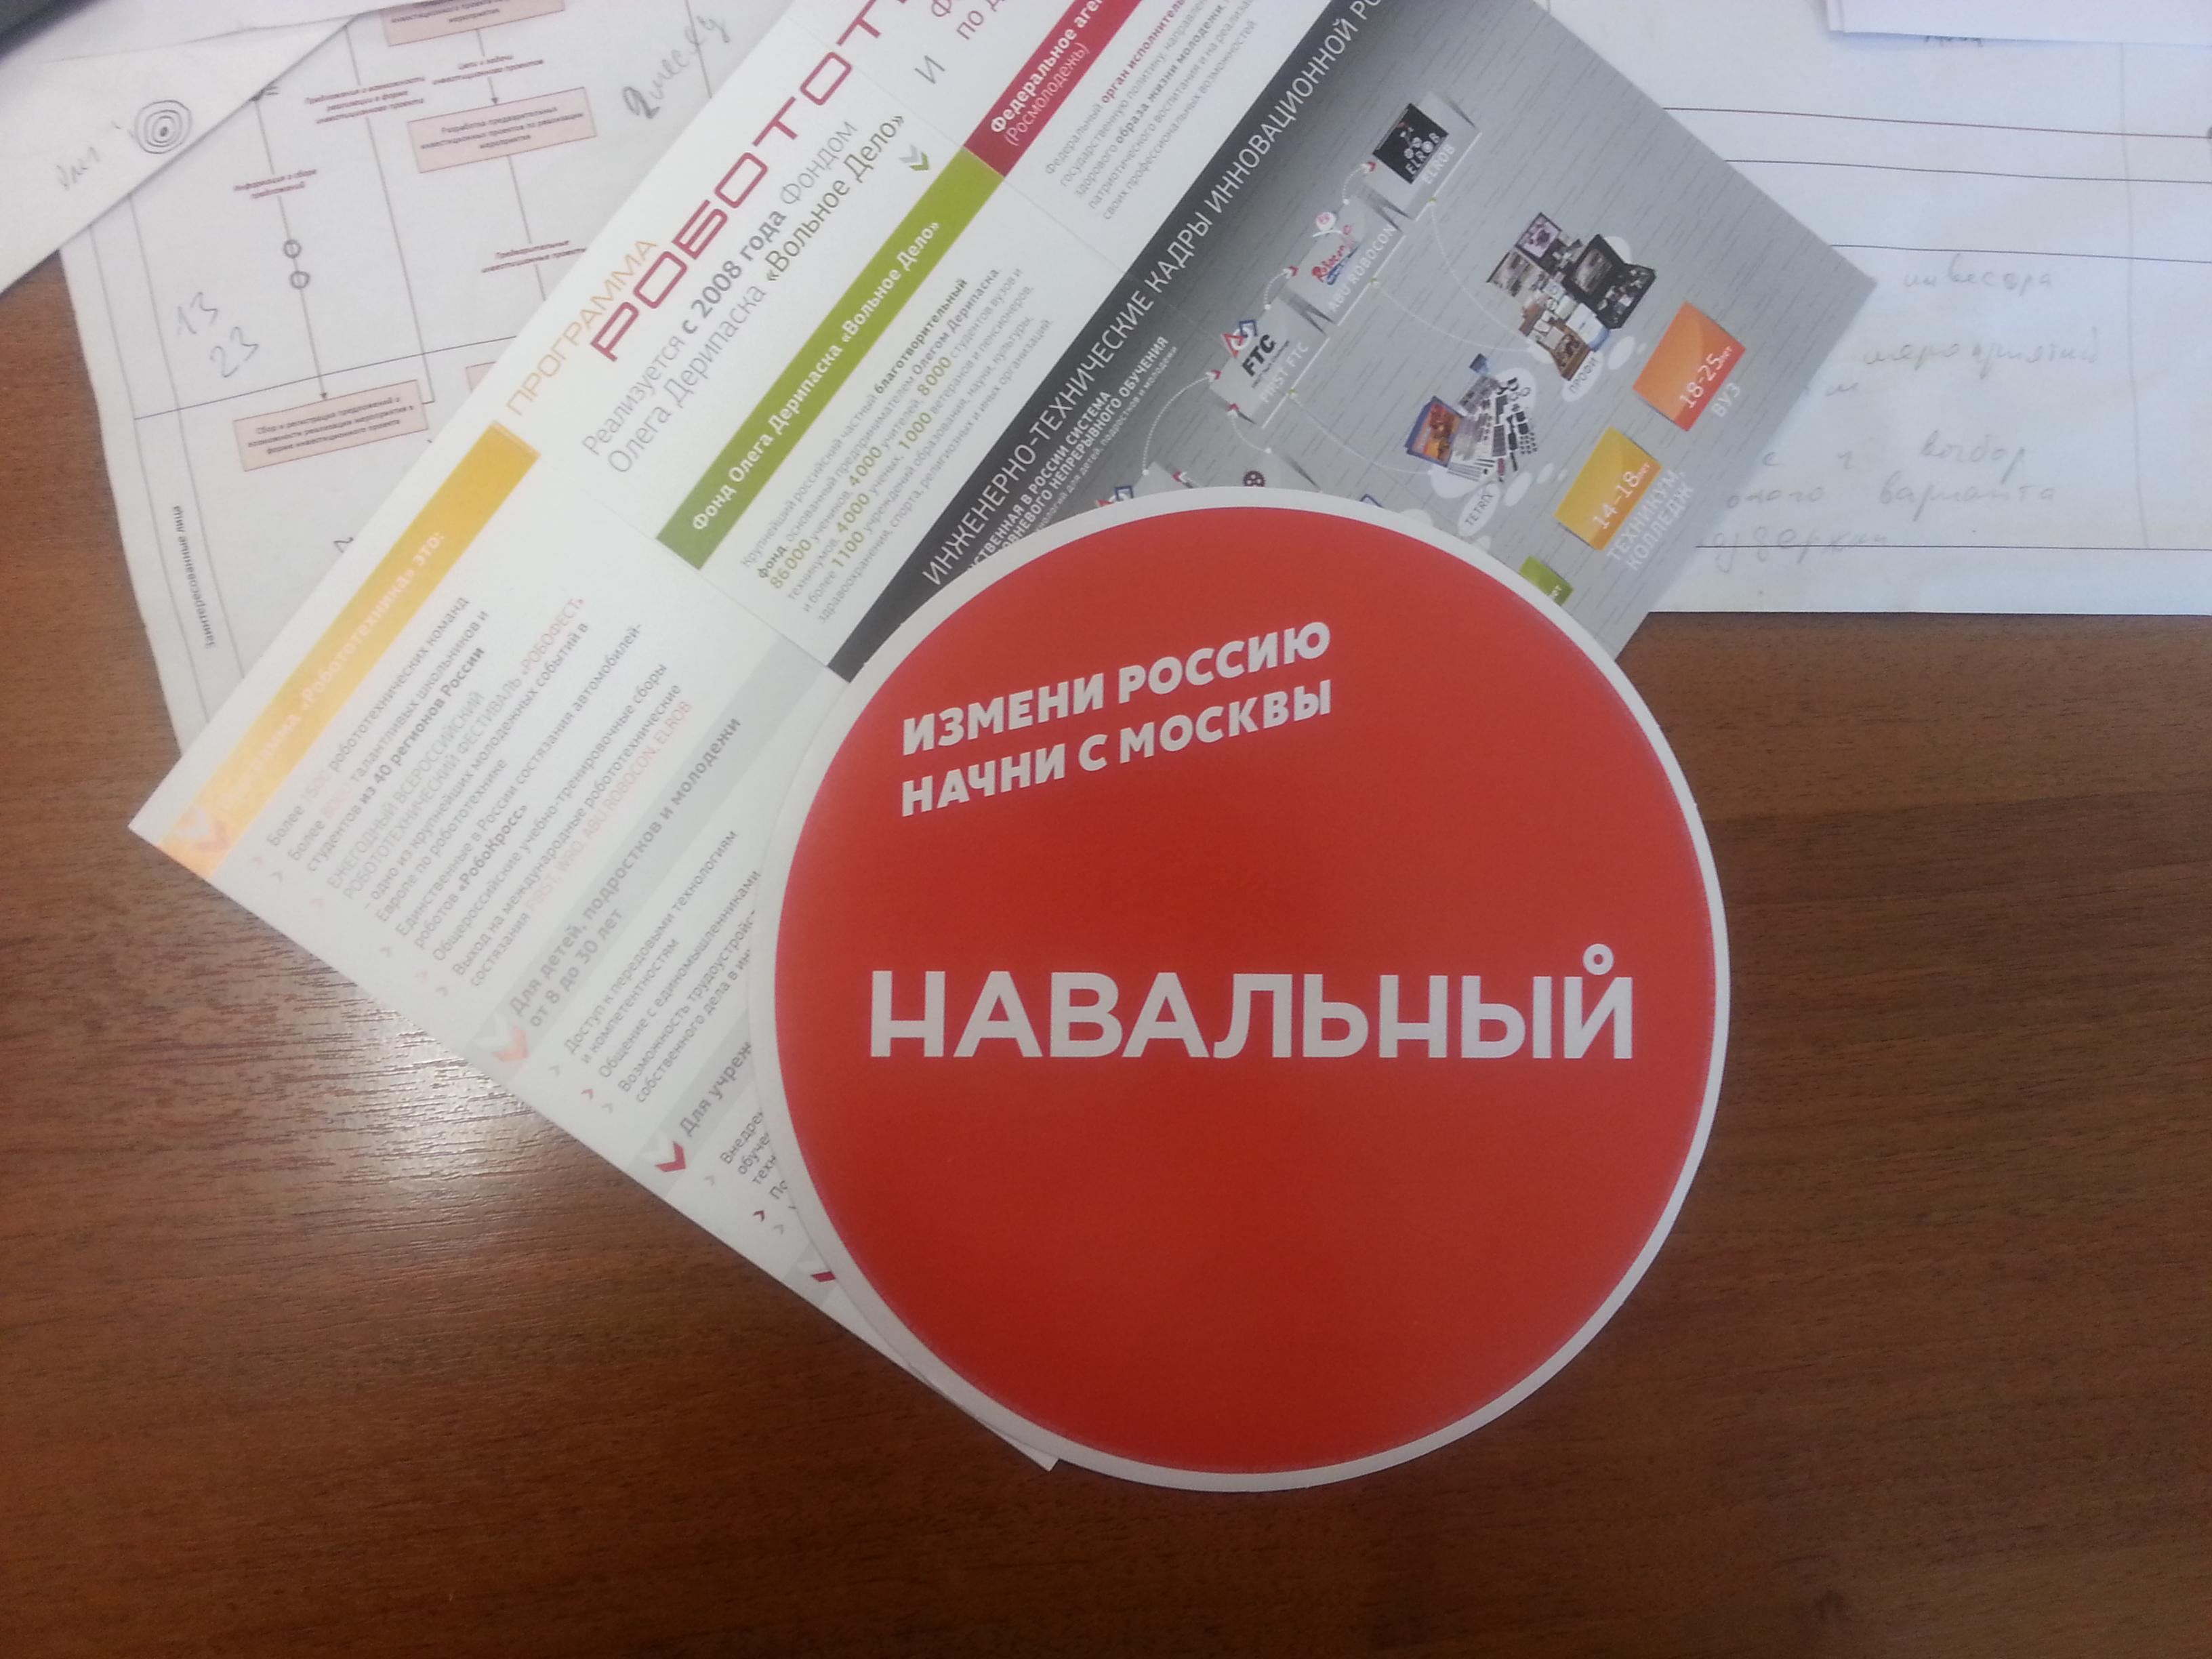 Круг для расклейки за Навального